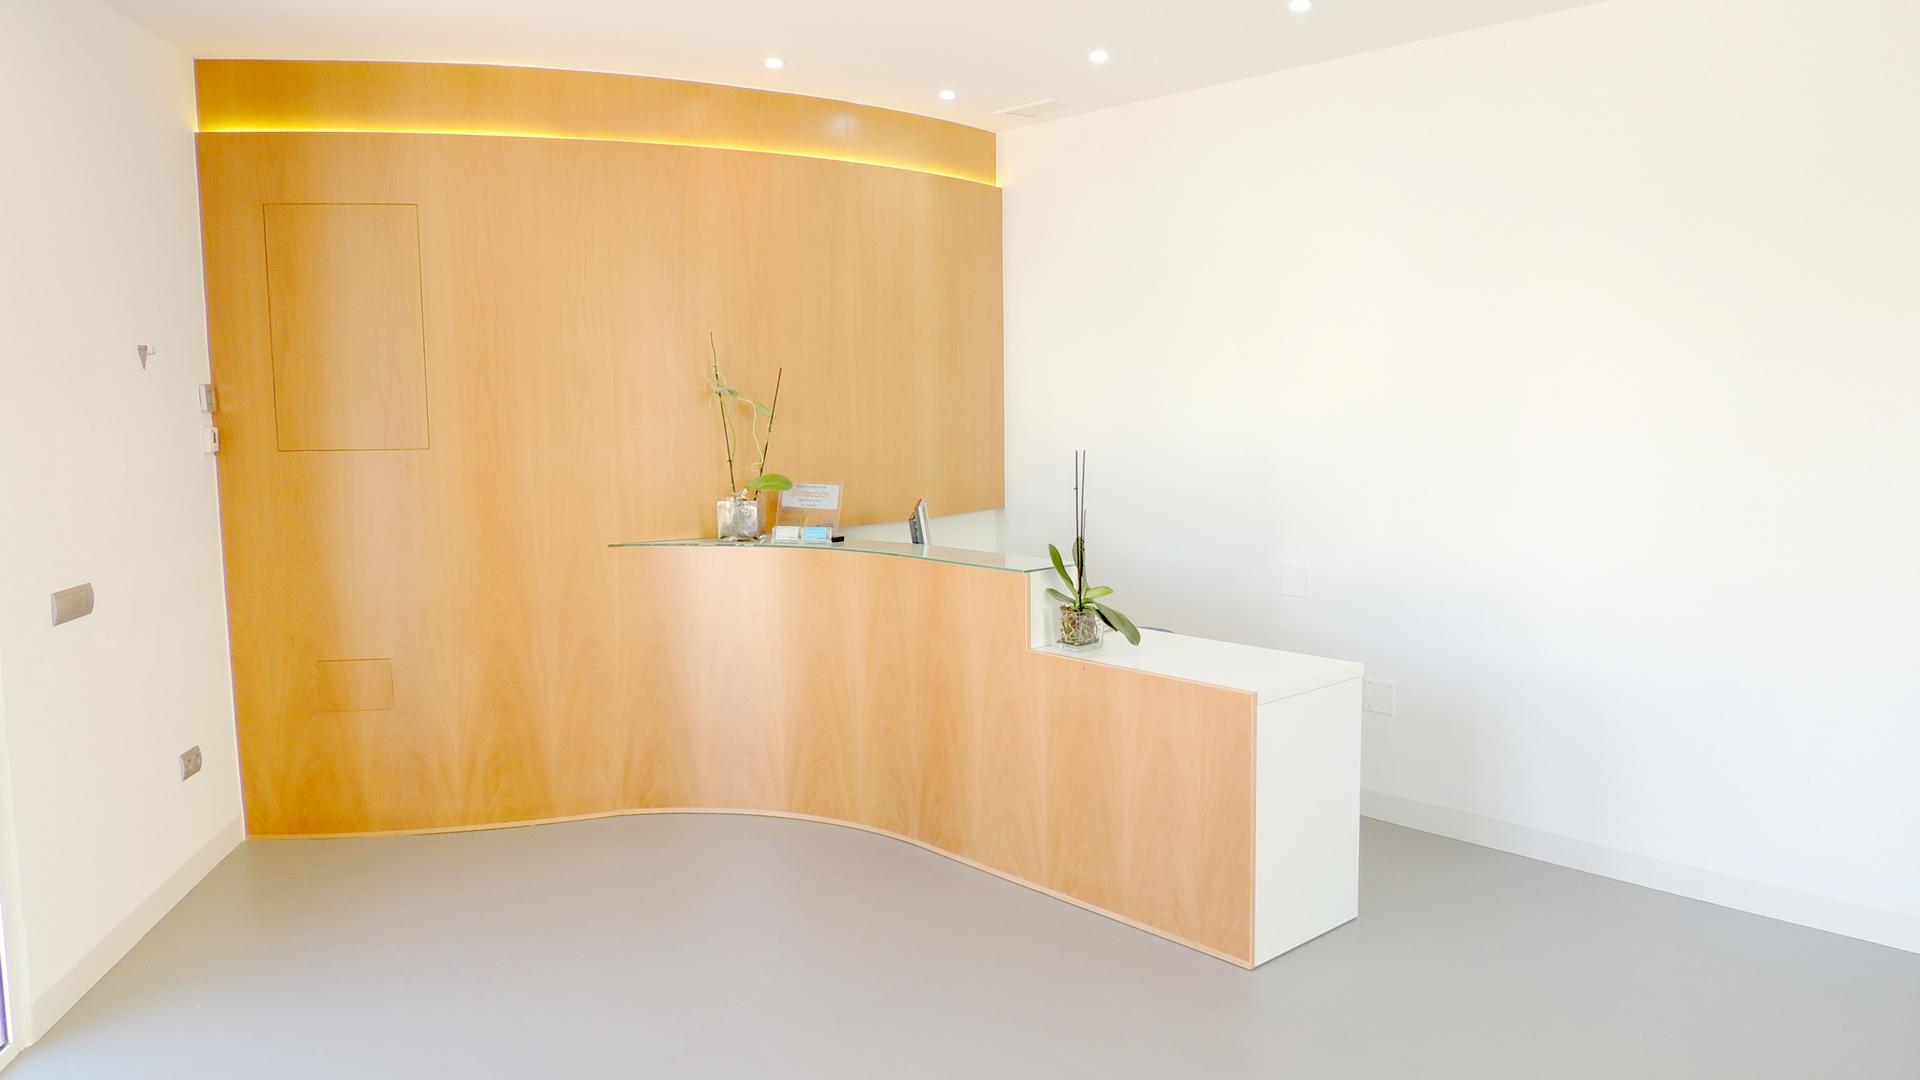 Arquitecto Marcos Tamagnone - Proyectos - Clinica Pizarro Montenegro